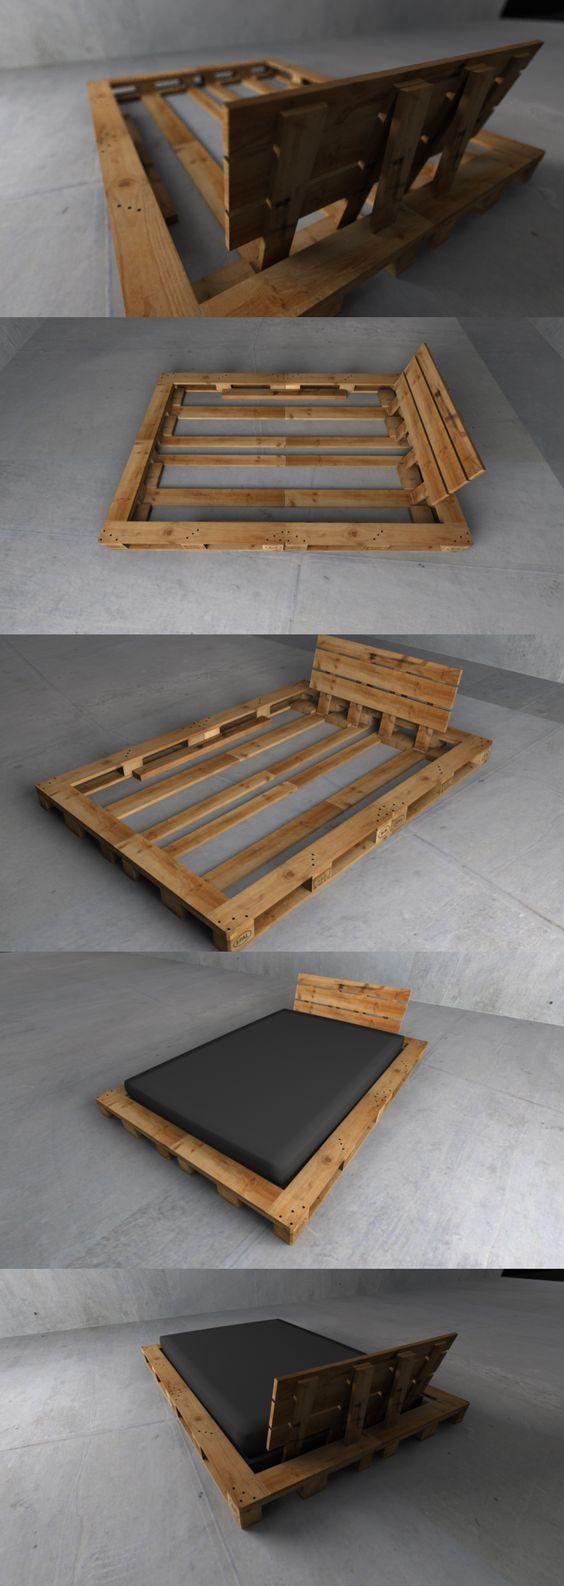 Использование старых деревянных поддонов в быту 61